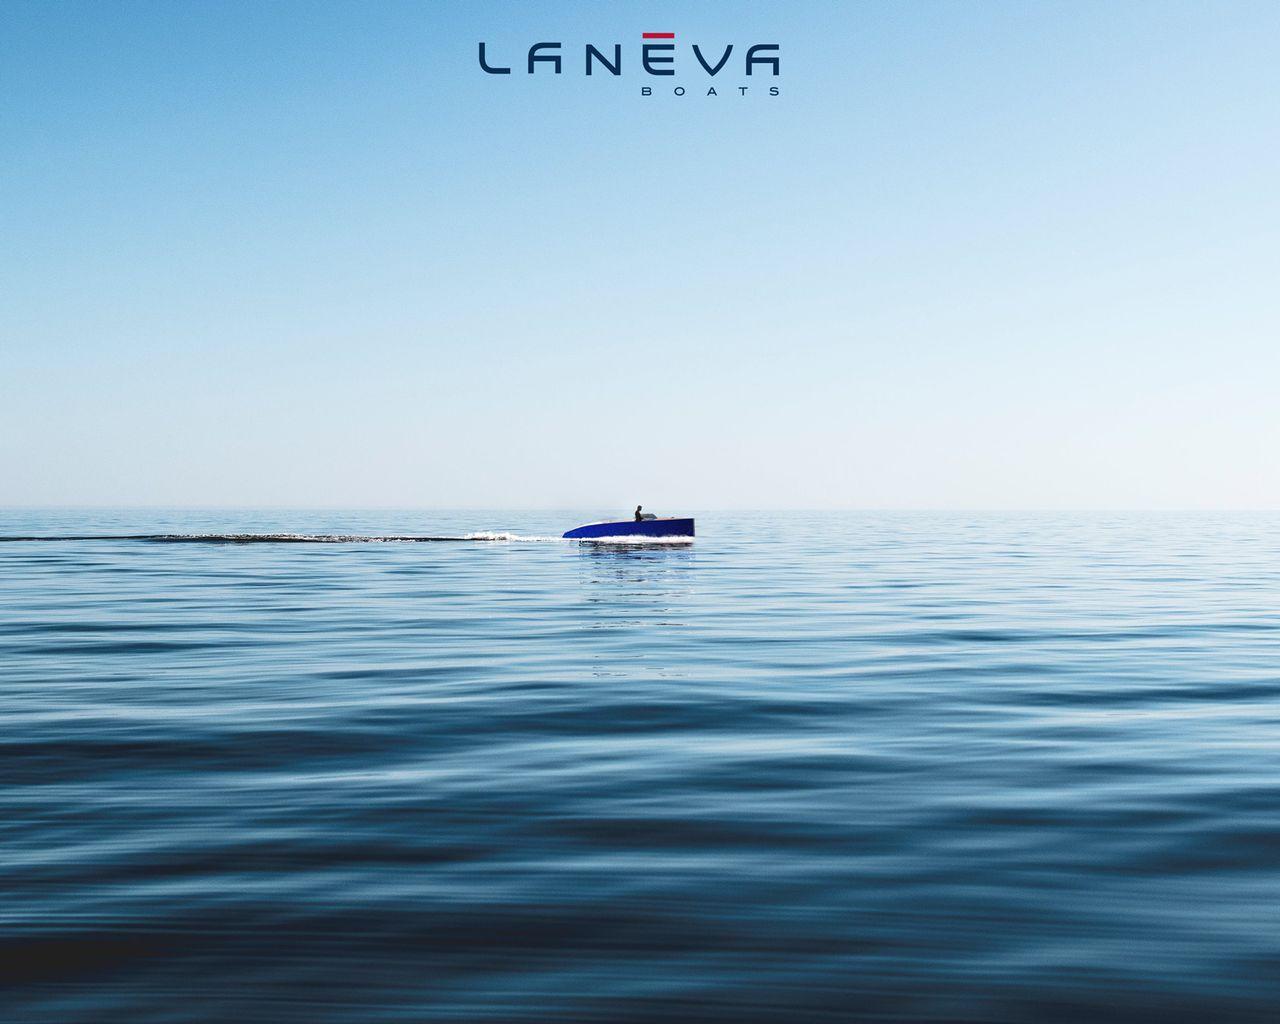 bateau naviguant sur un lac